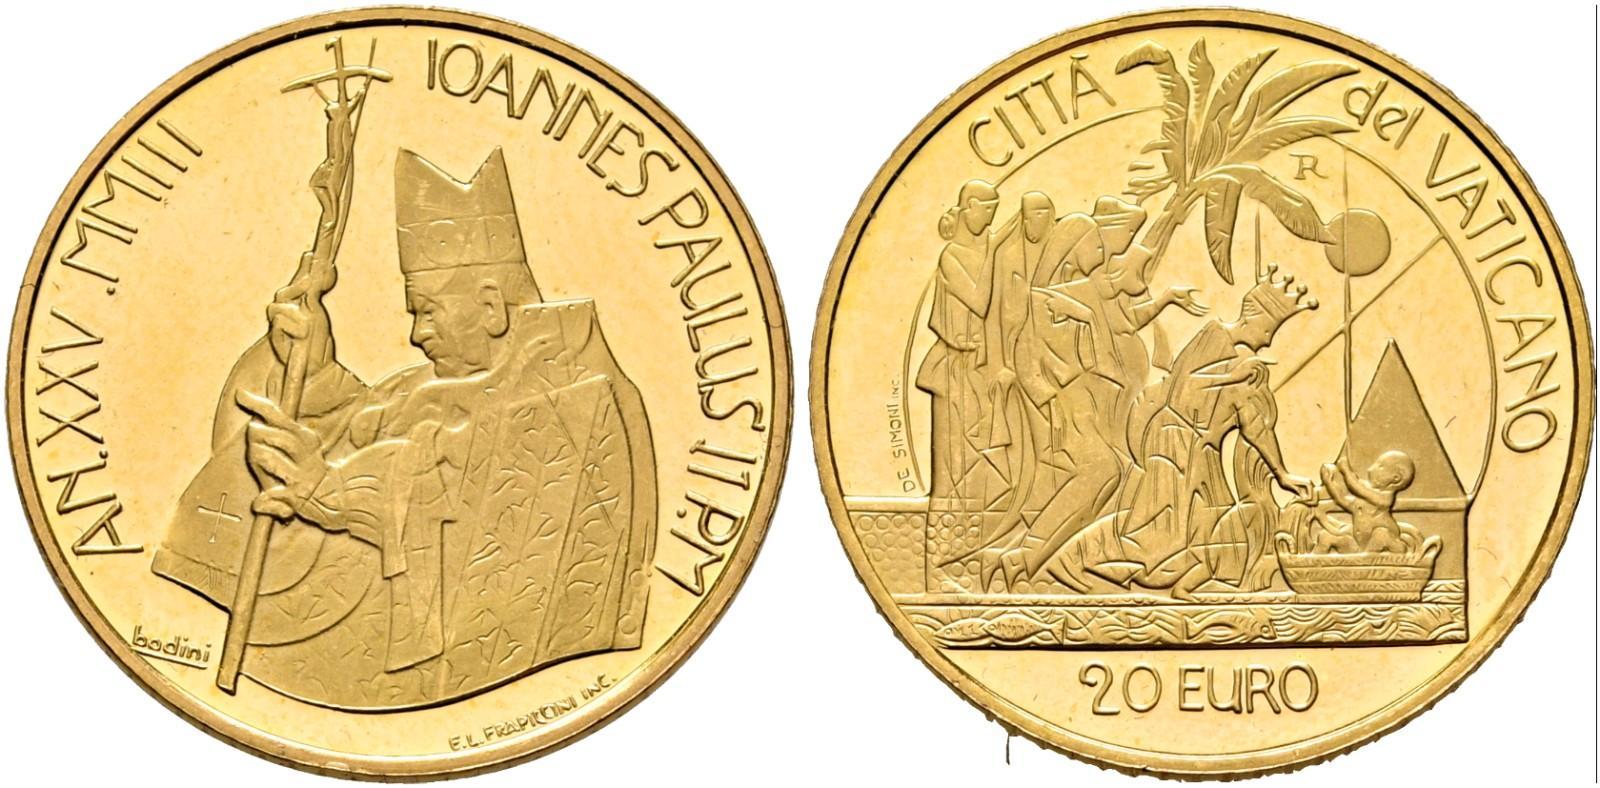 VA 20 Euro 2003 R